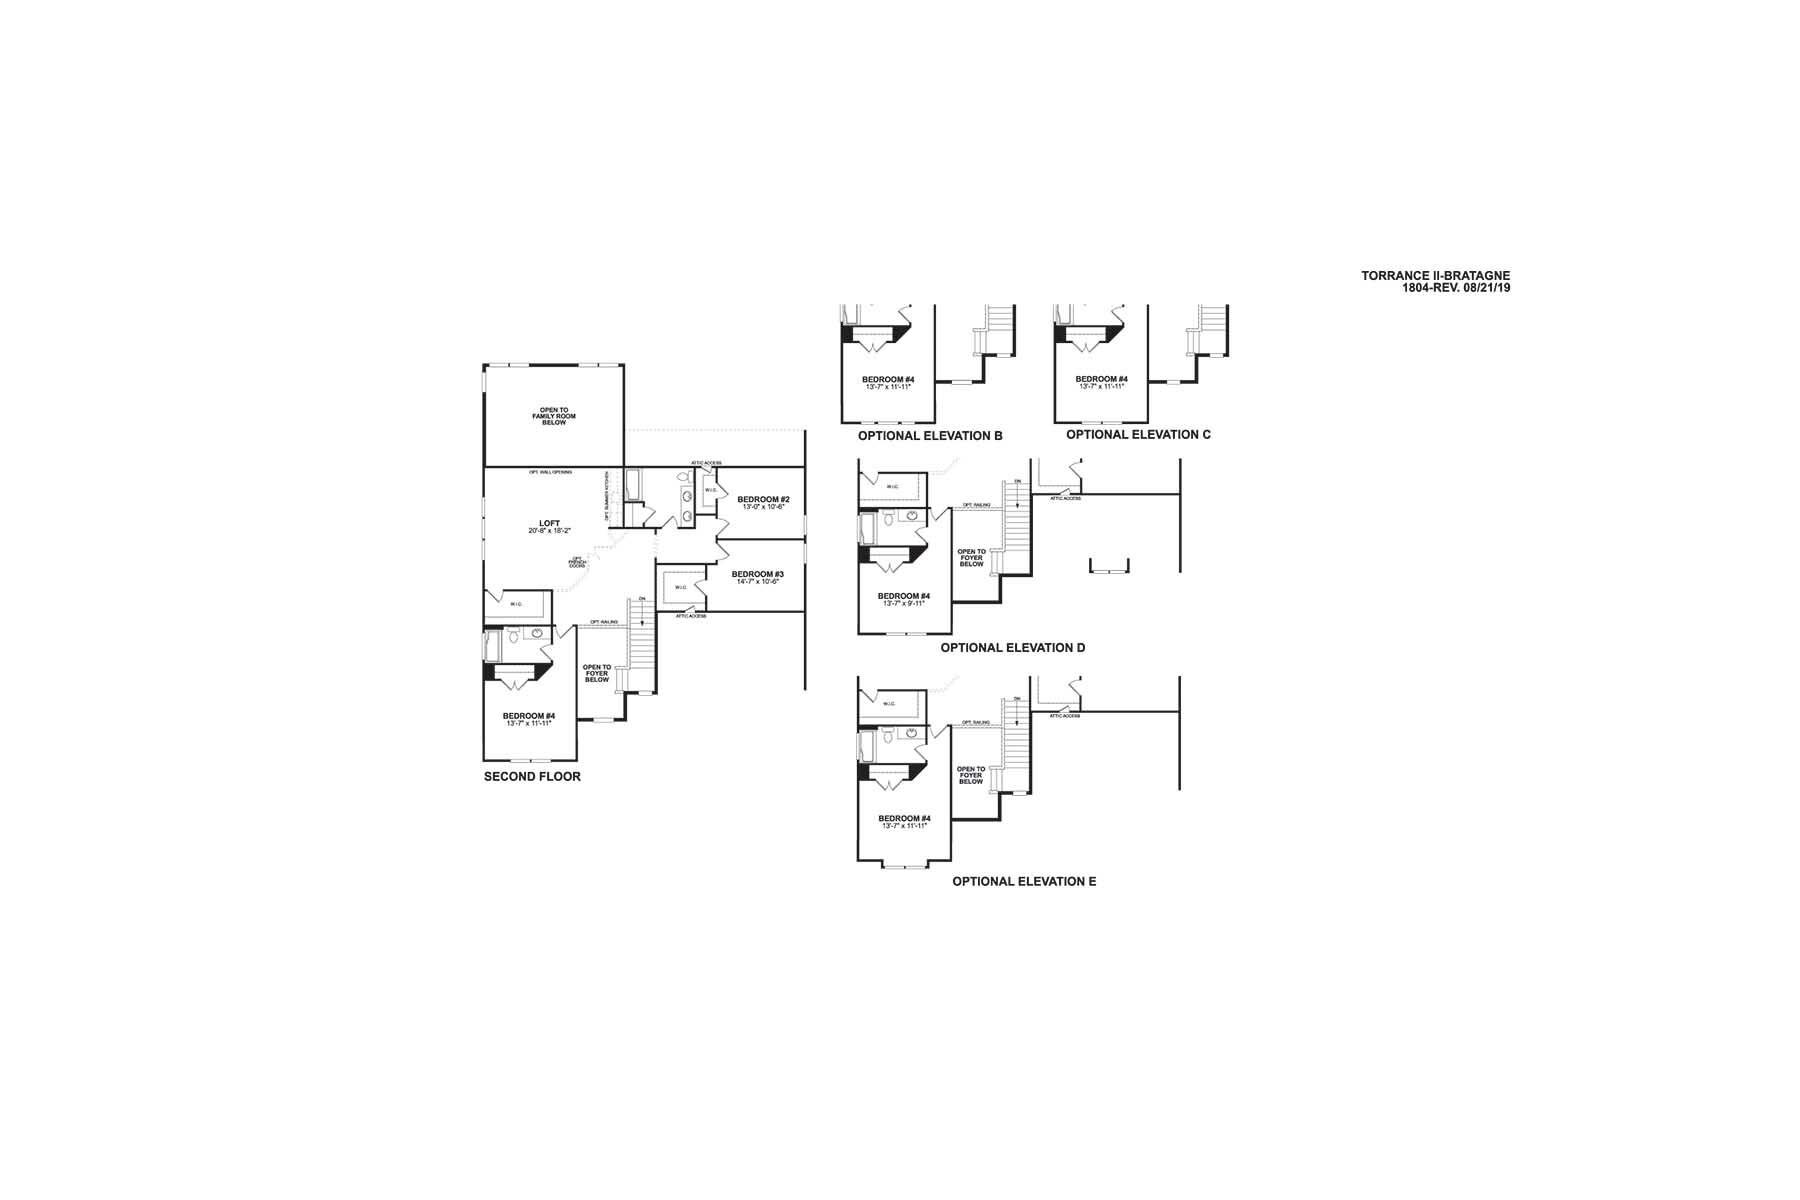 Torrance II Second Floor